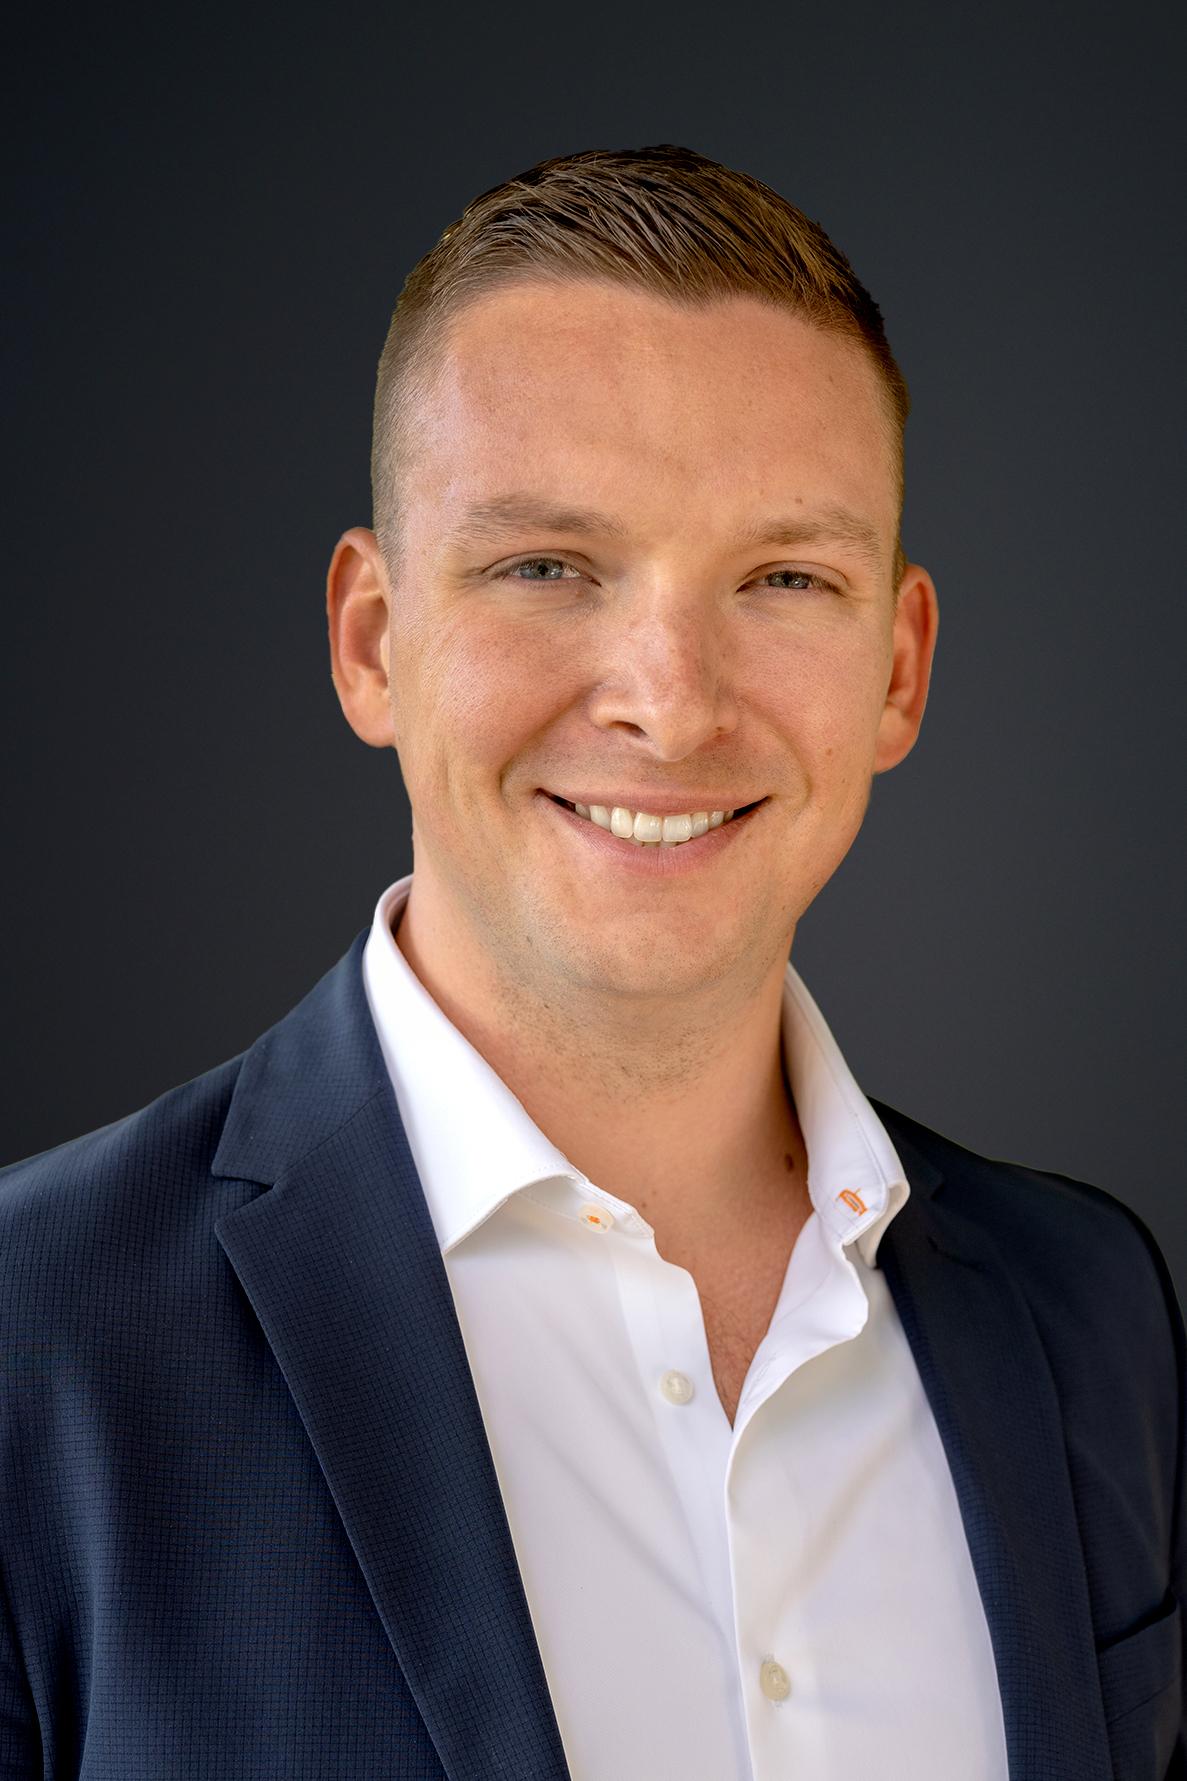 Cameron Savinski Headshot